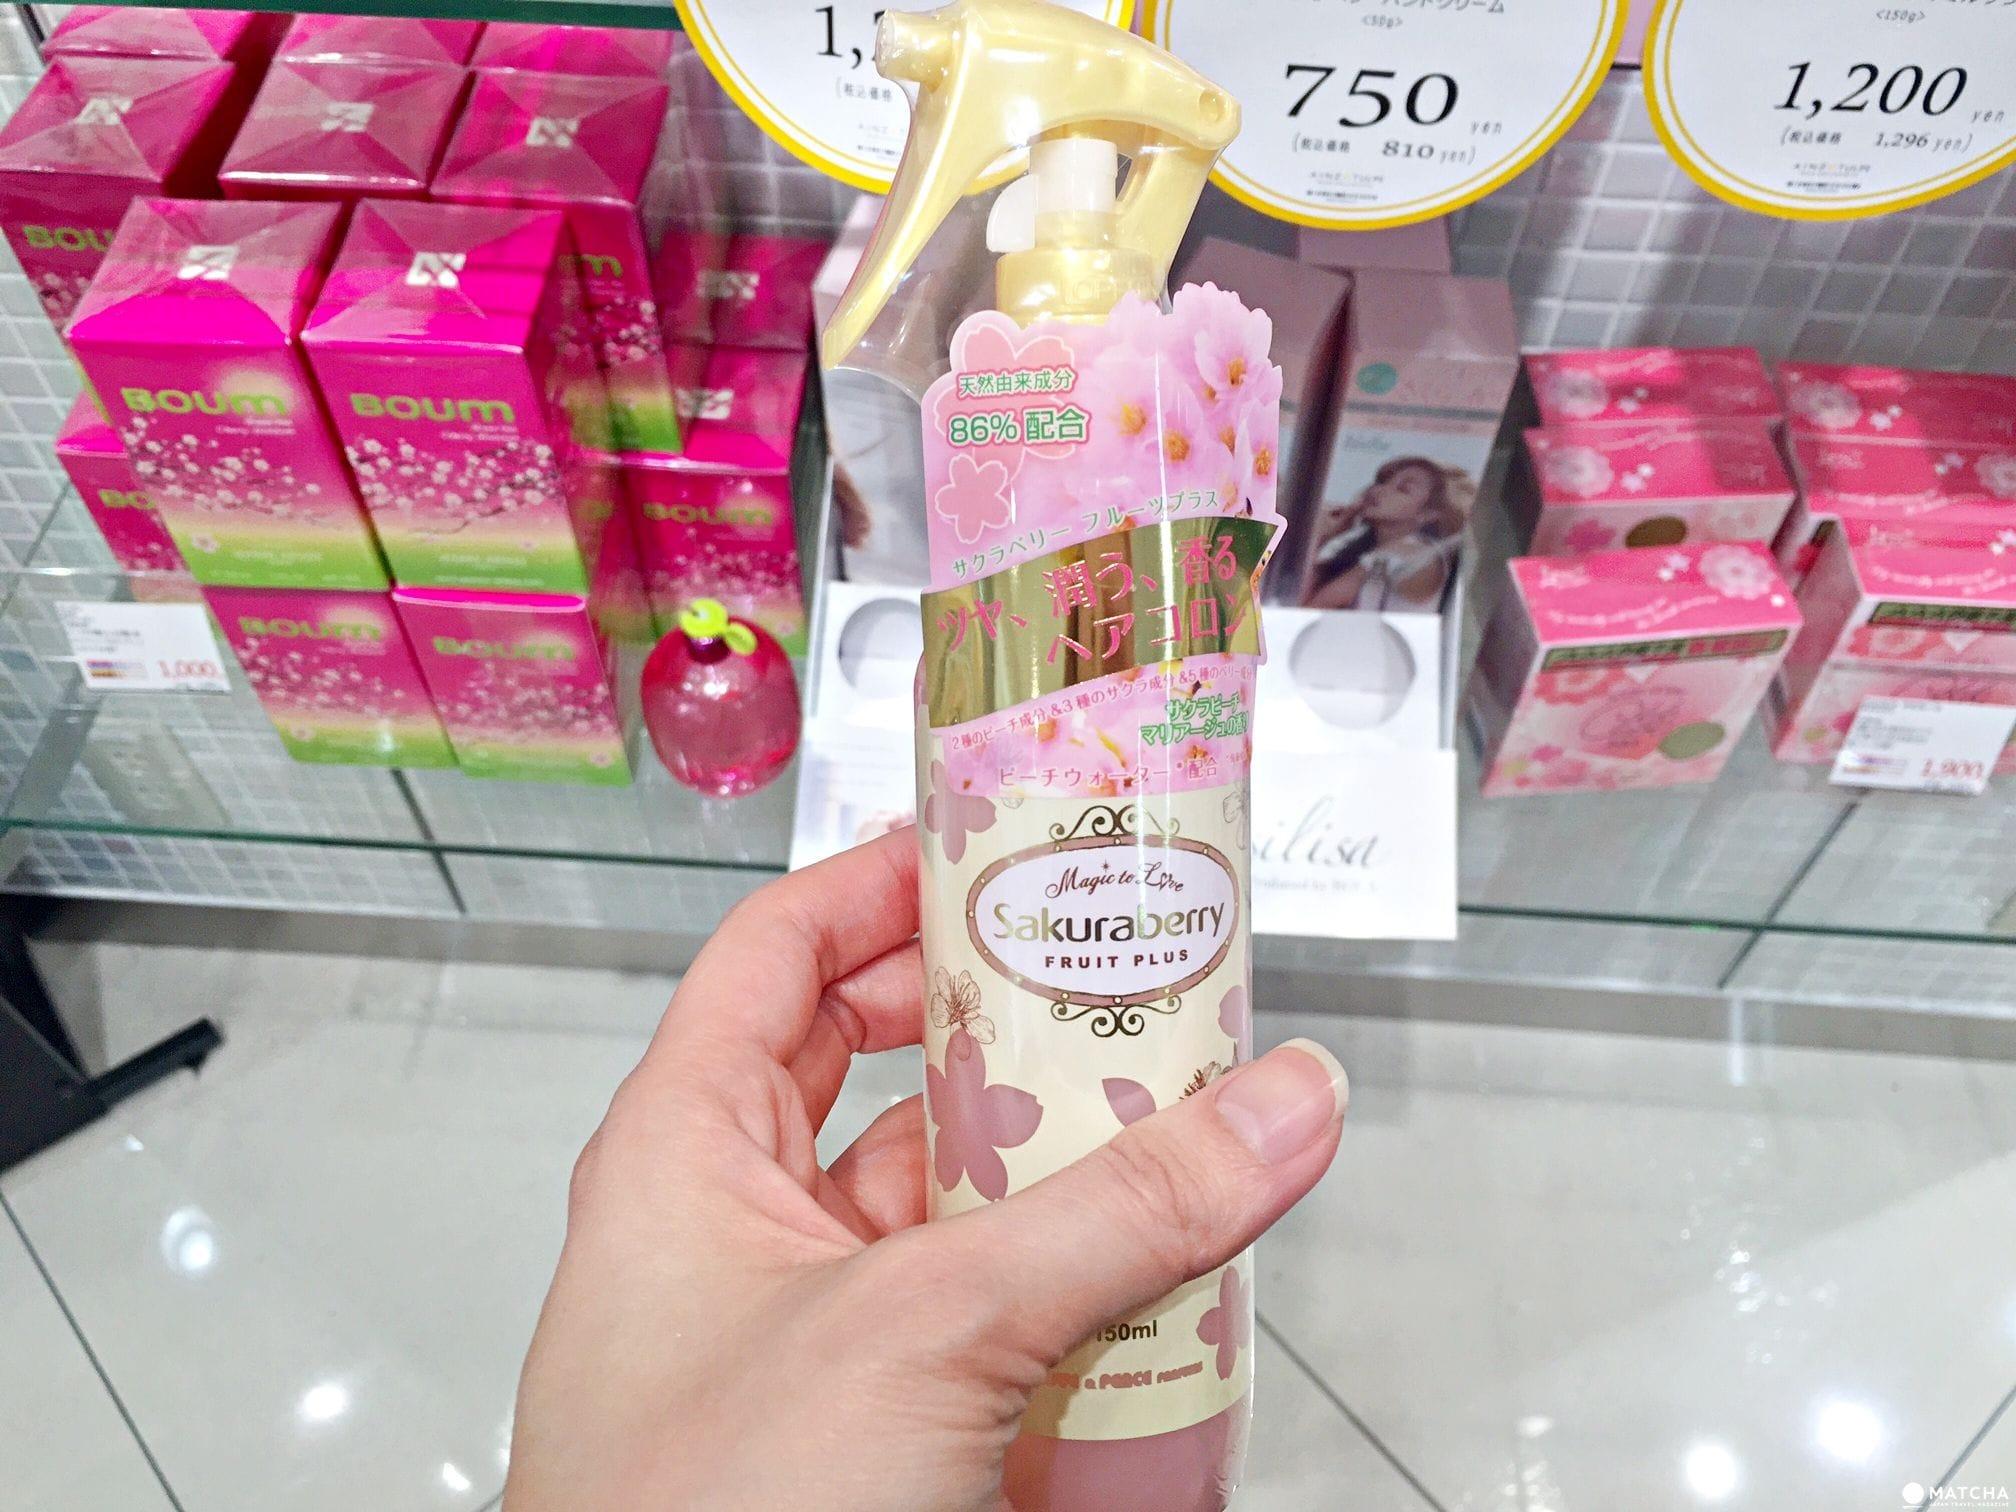 讓全身散發櫻花氛圍的藥妝與小物9選